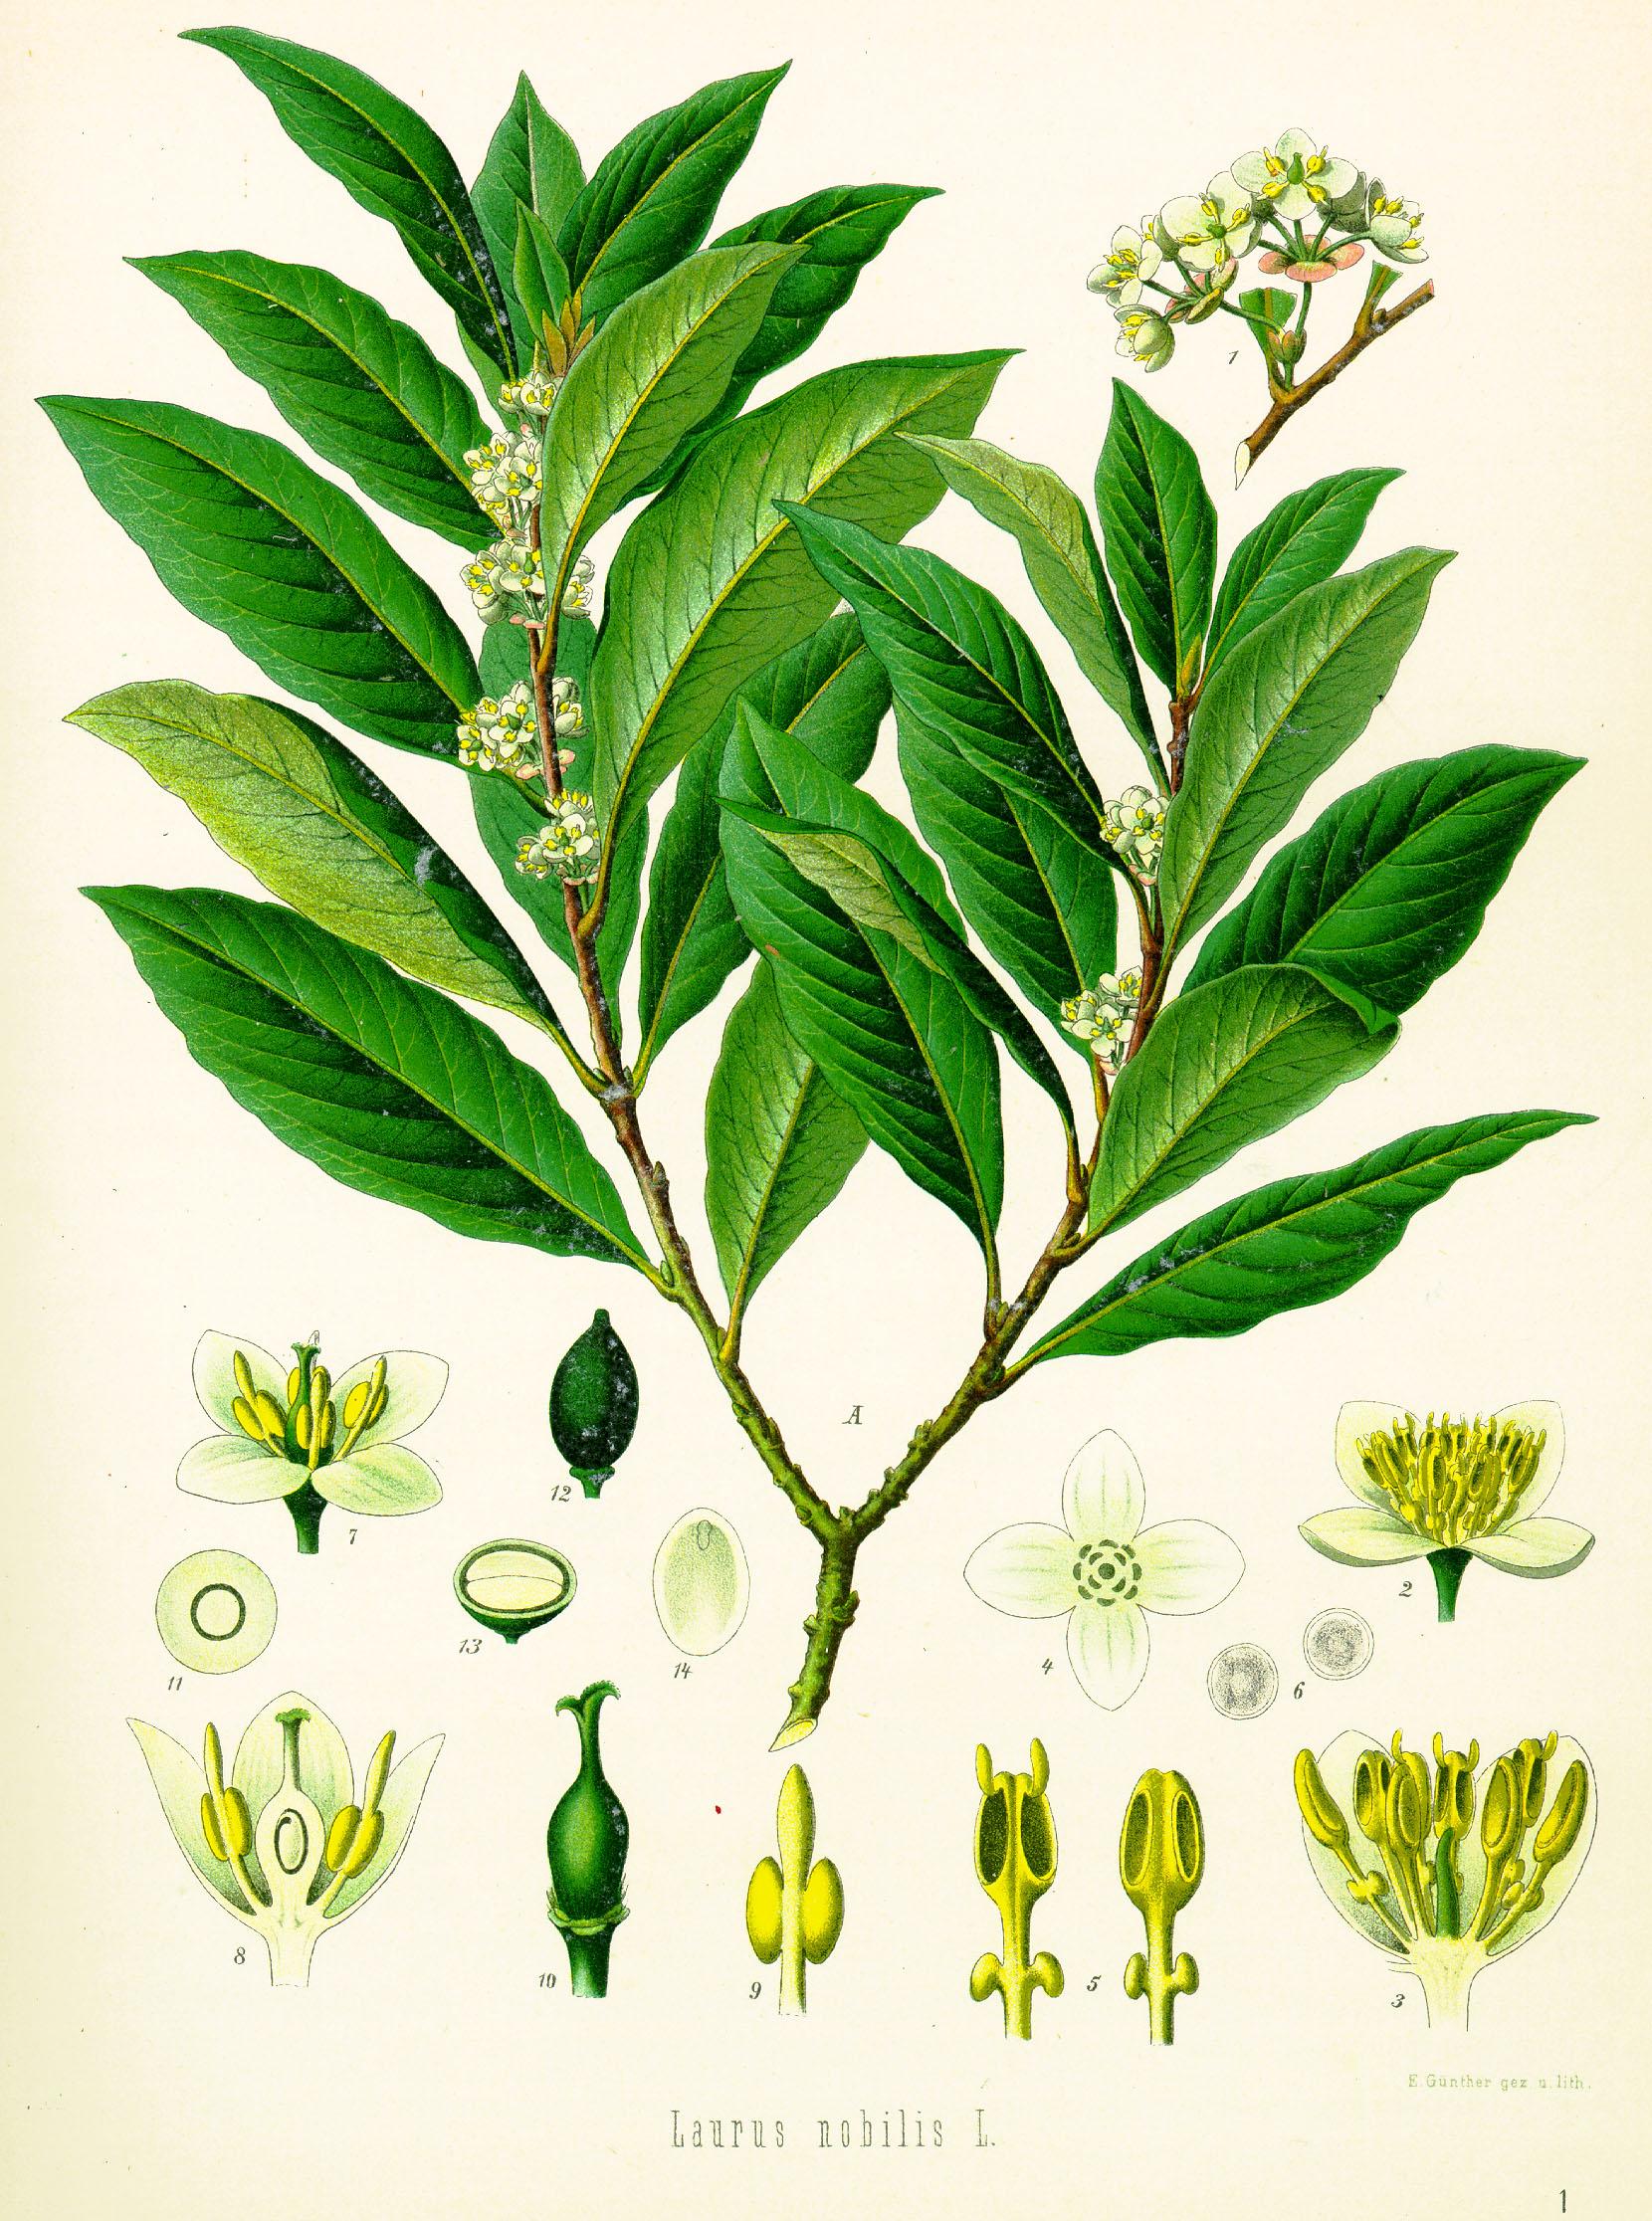 laurus nobilis botanica